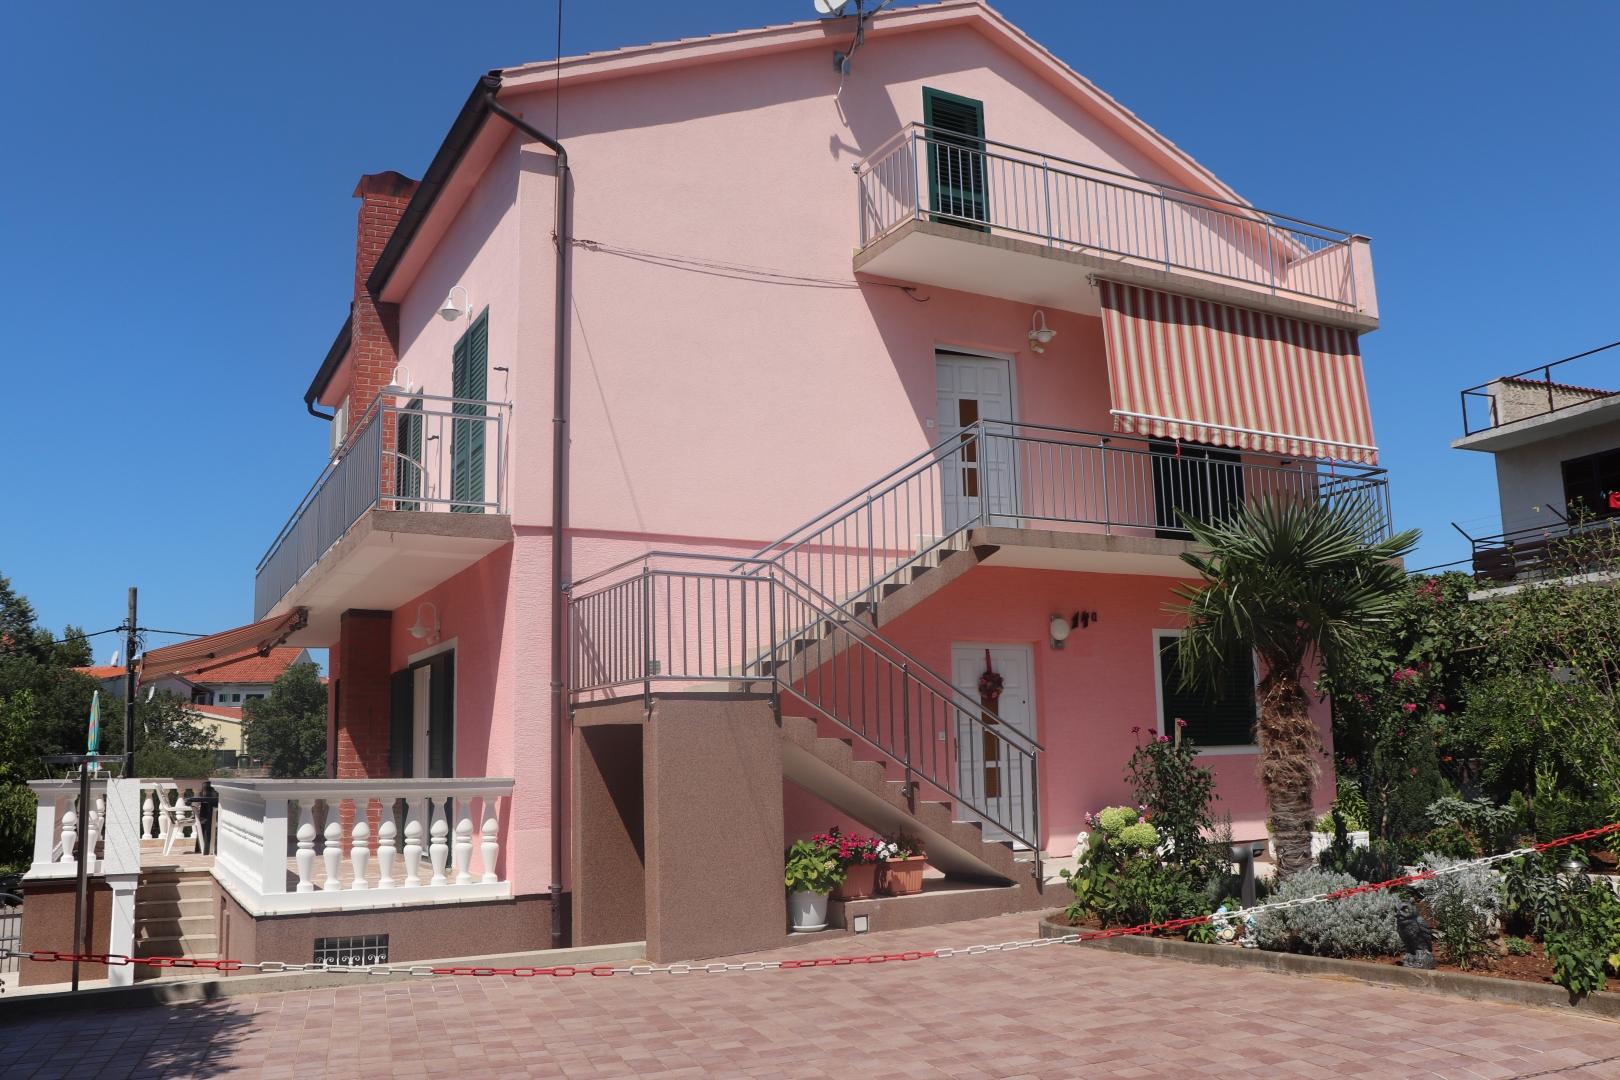 Kuća u mirnom kvartu, u blizini plaže